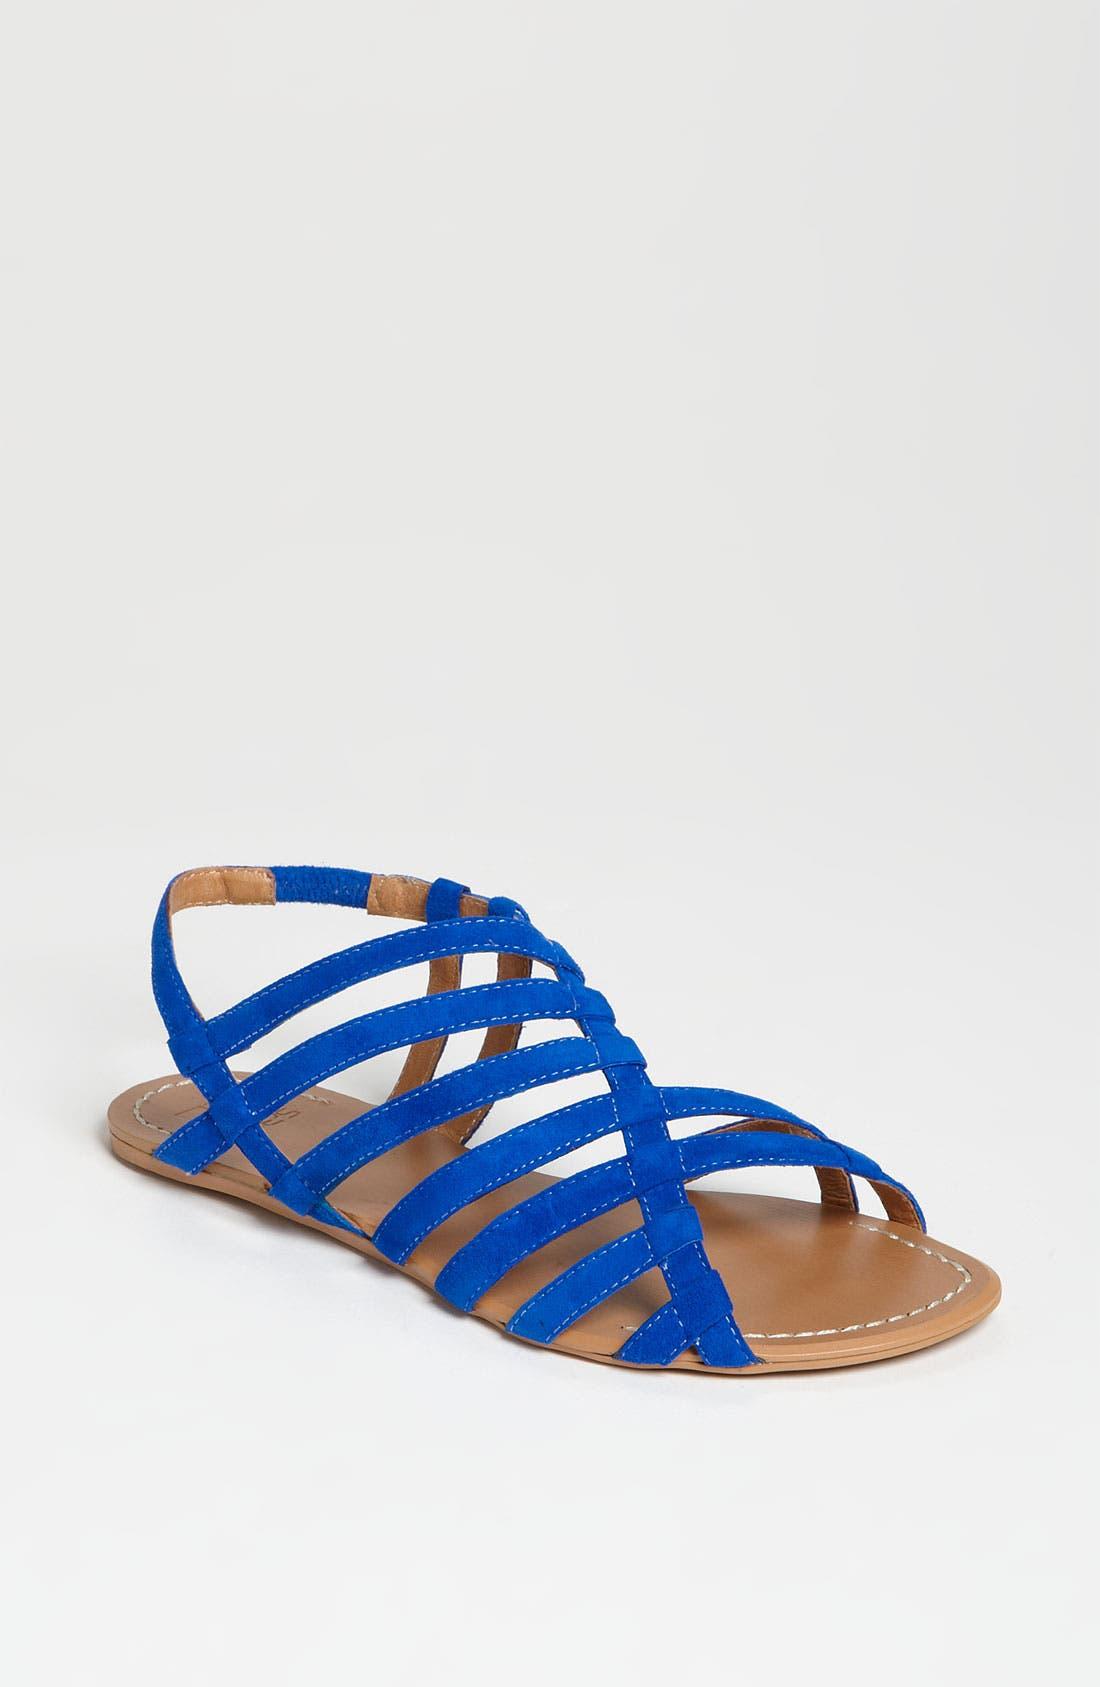 Main Image - Joe's 'Tina' Sandal